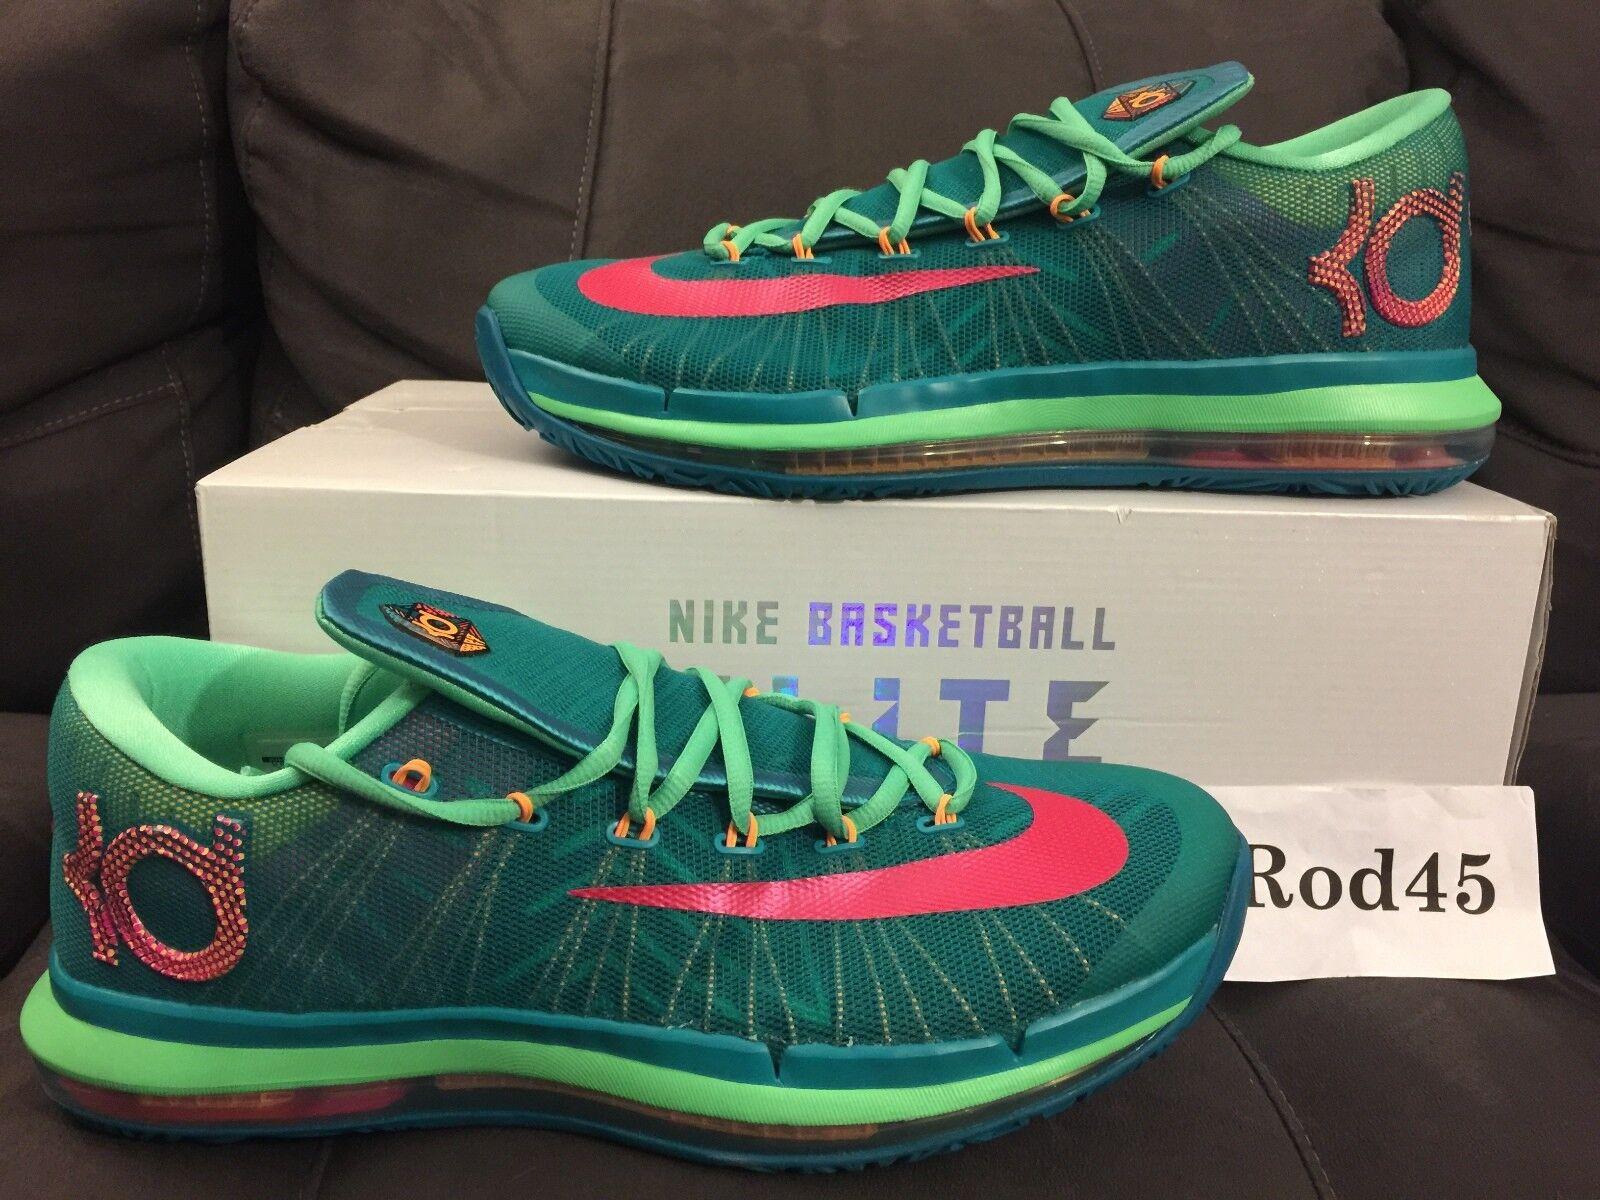 Nike kd vi 6 elite verde rosa blu kevin durant 11 s